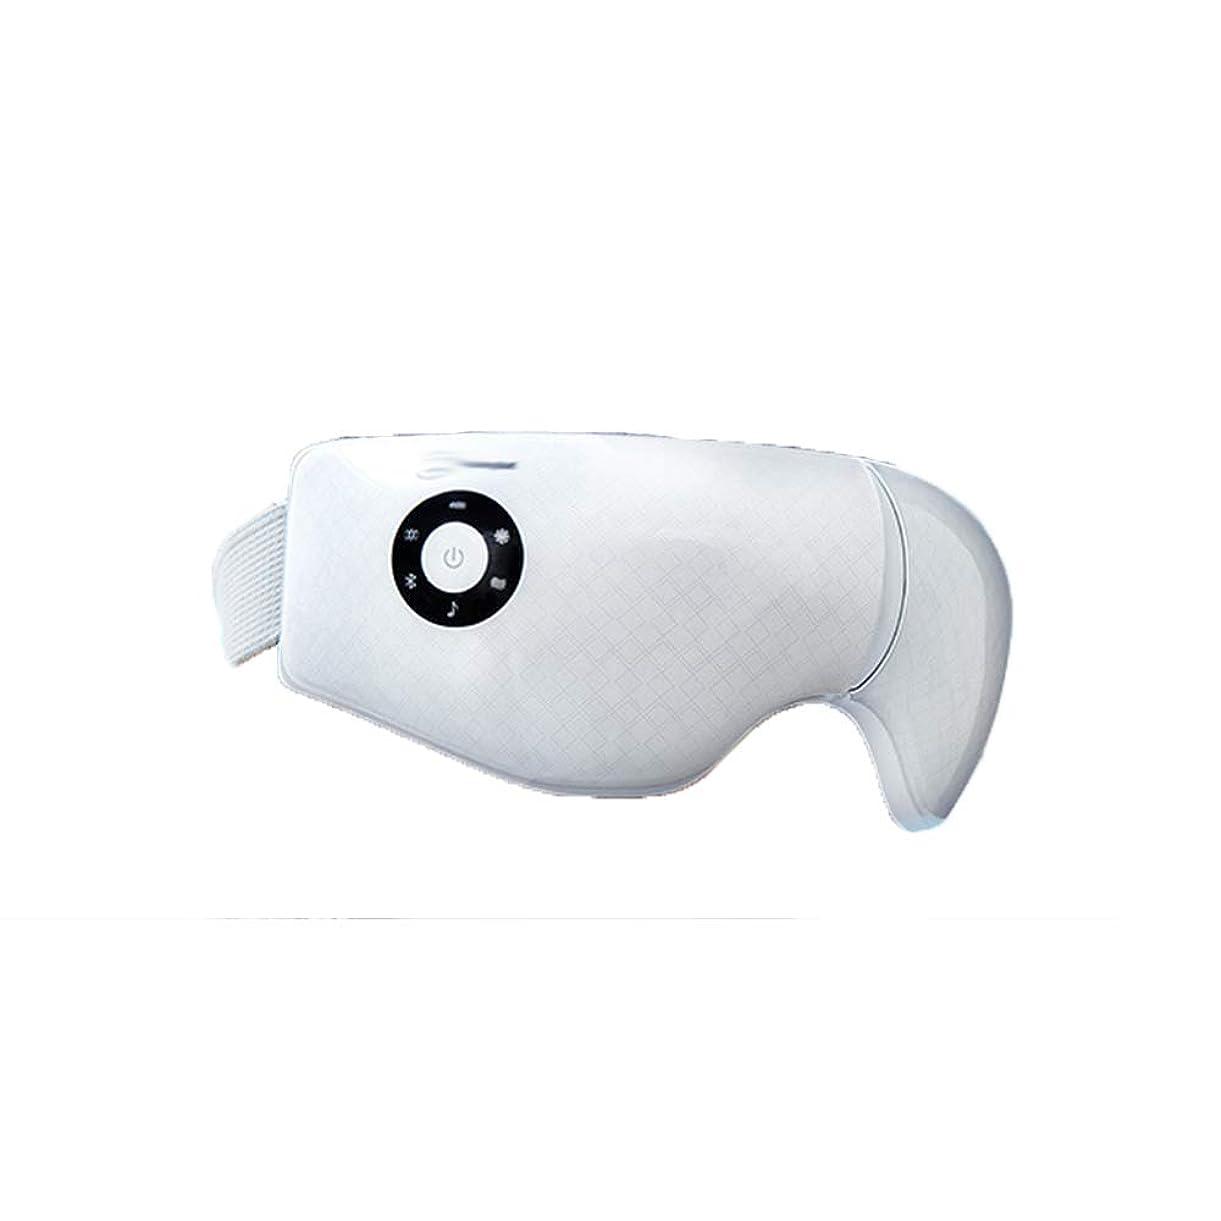 講師創始者乱雑なマッサージャー - マッサージャーは、黒丸を回復するために近視をホット圧縮します (Color : White)